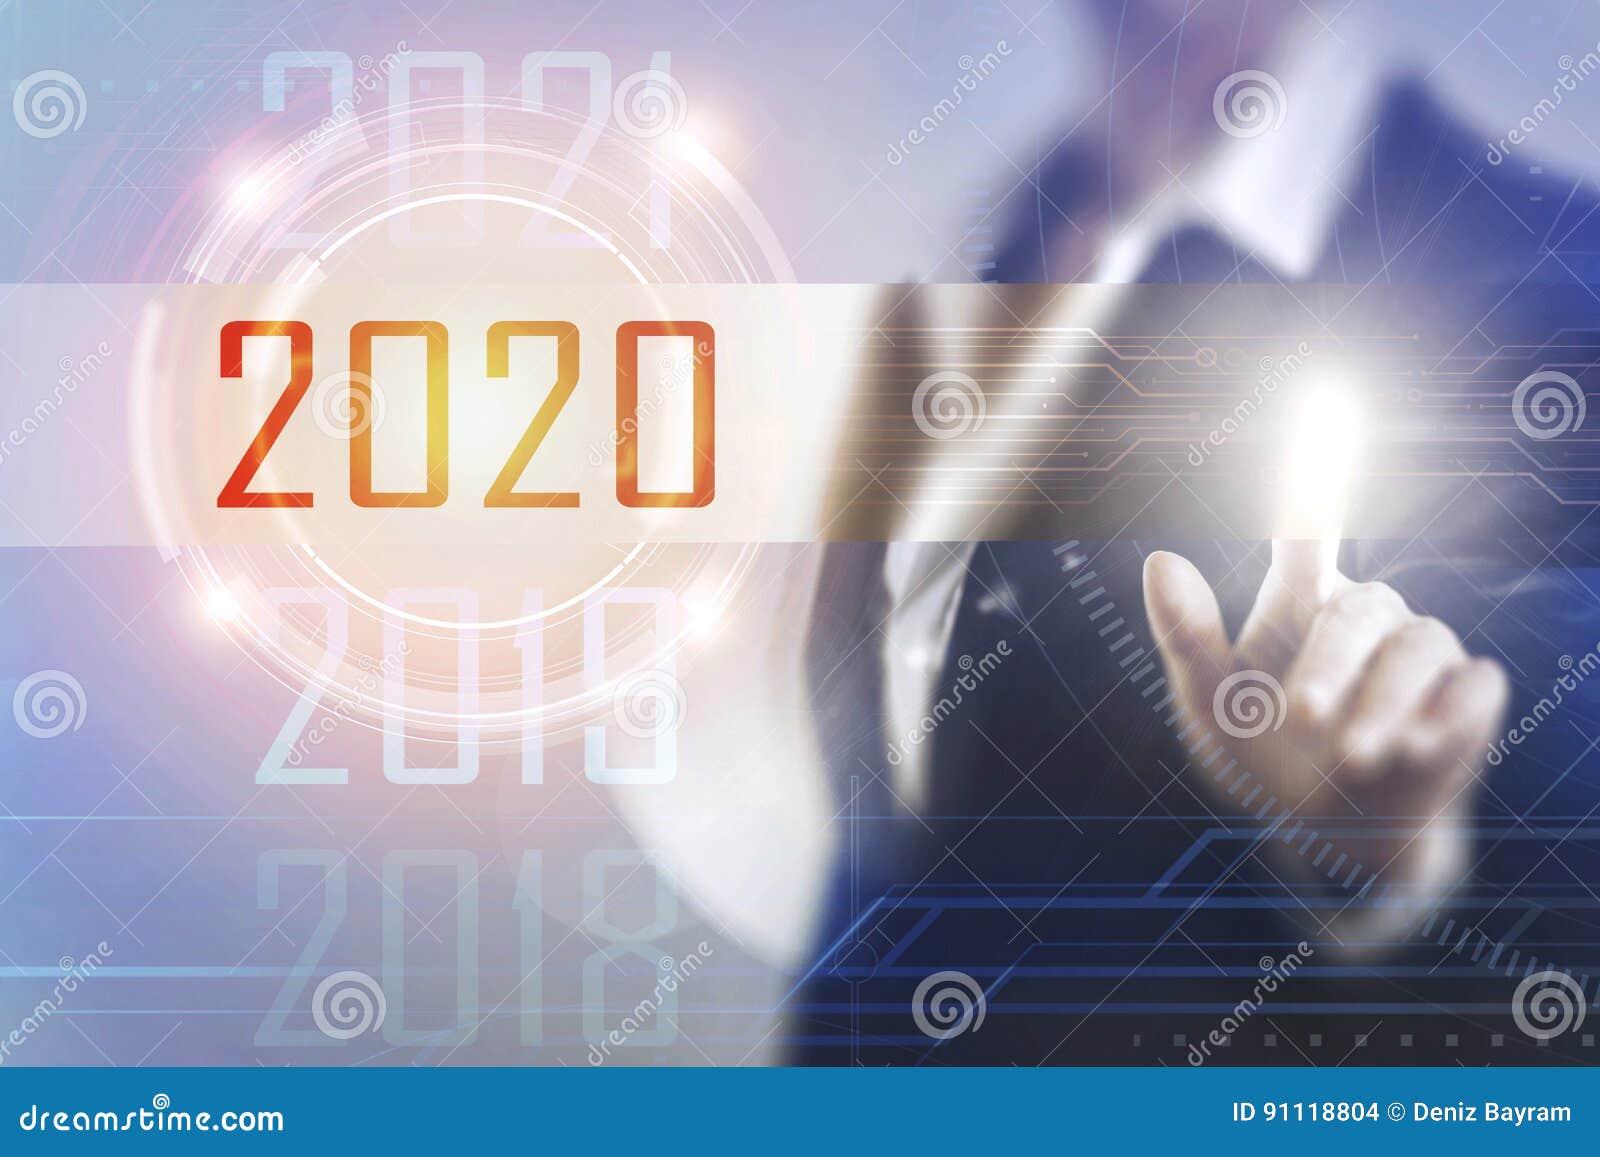 Business women touching the 2020 screen